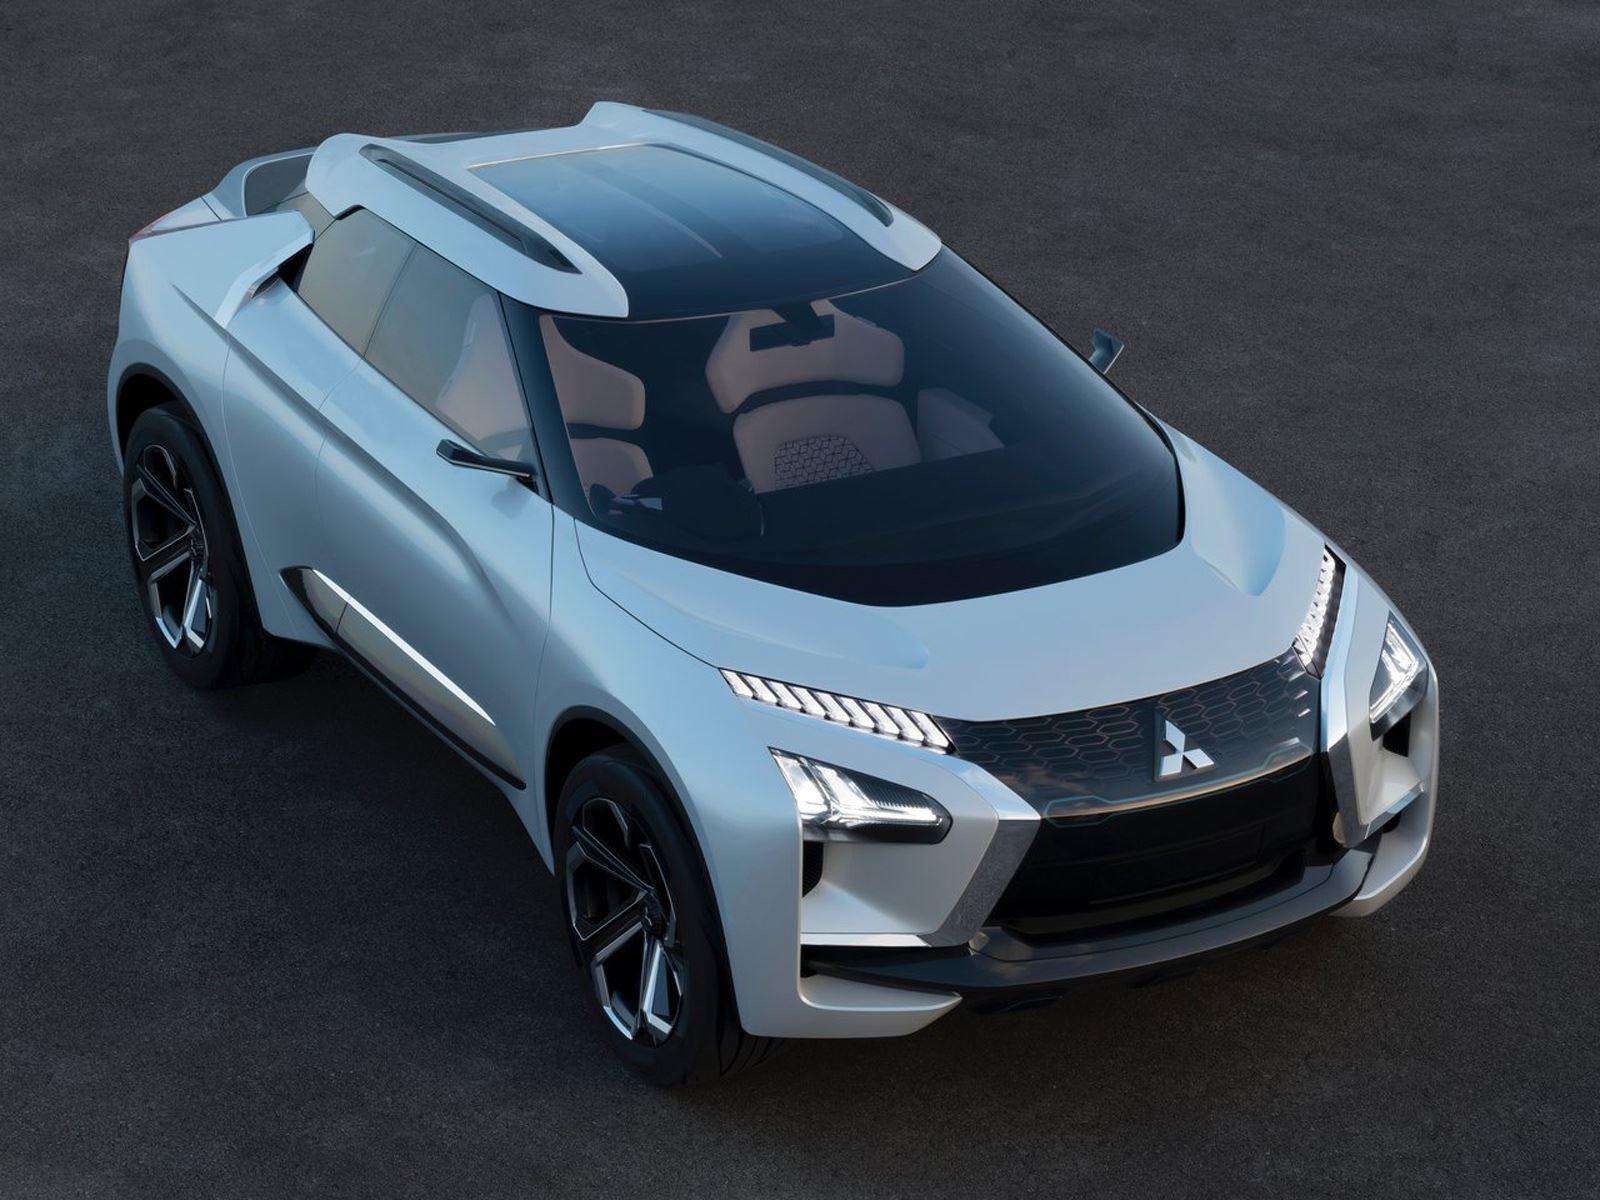 Да, концепция - внедорожник, но дизайн кузова и его технологии весьма интересны - всё это может быть применено в серийном автомобиле с низким уровнем тяжести. Возможно, возрожденный Эво? Будем надеяться, что это все станет возможным благодаря новому